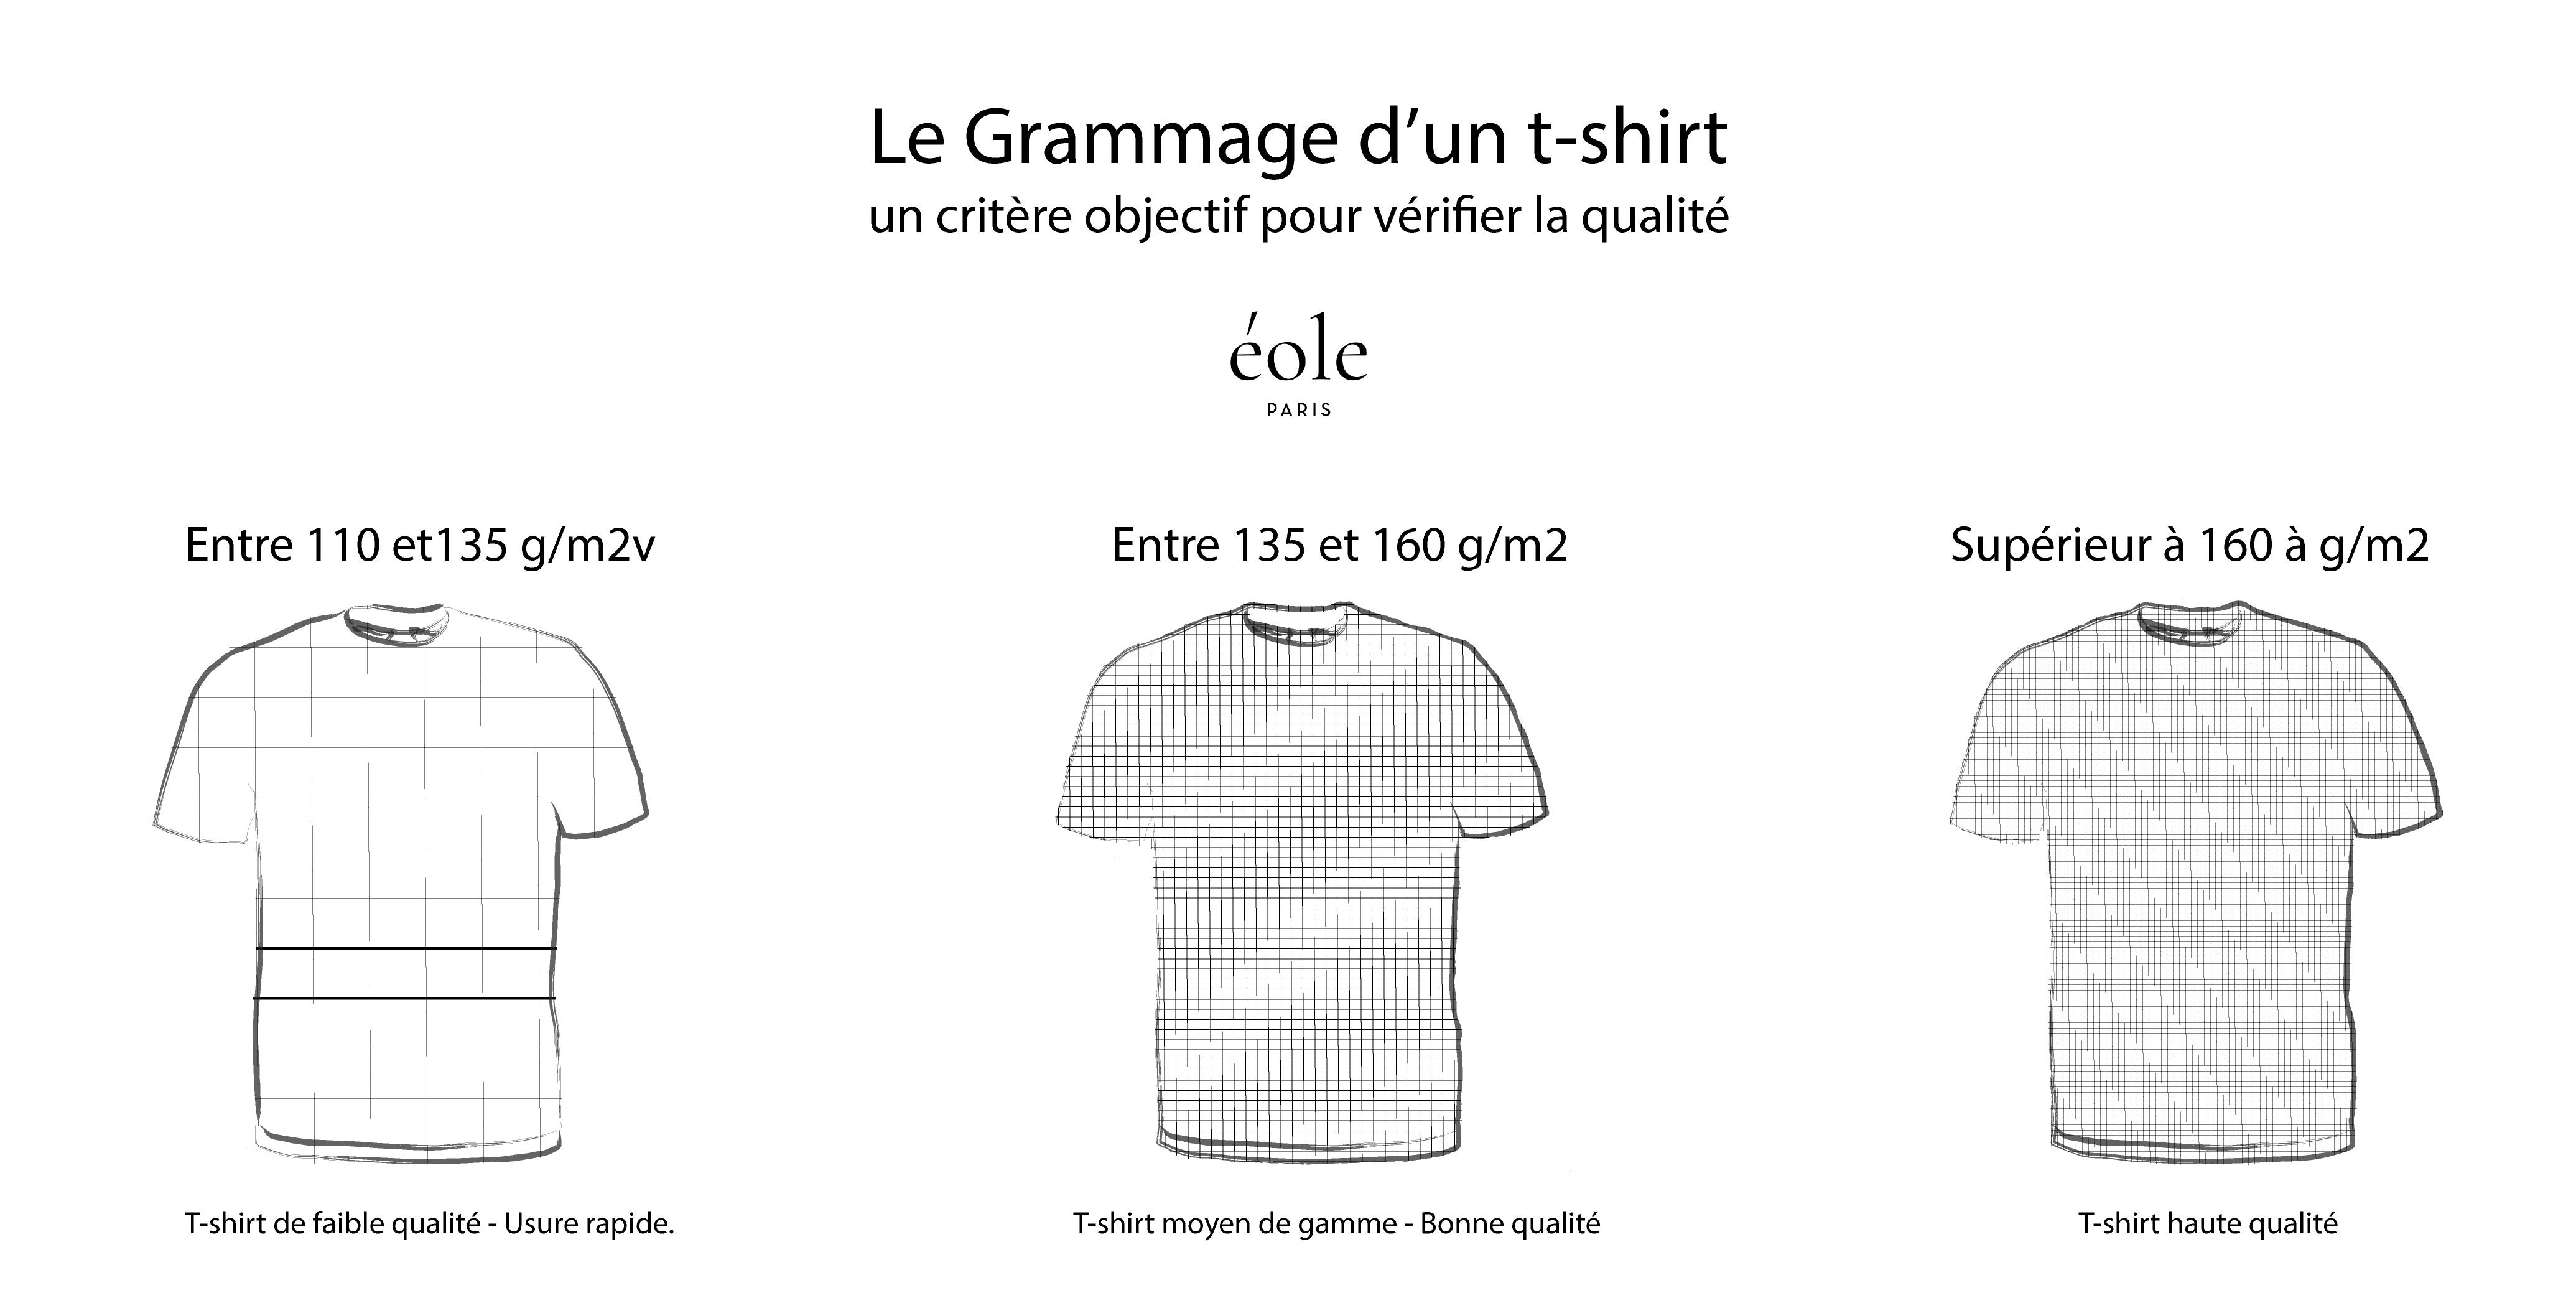 Grammage-t-shirt-un-critere-objectif-pour-vérifier-la-qualité